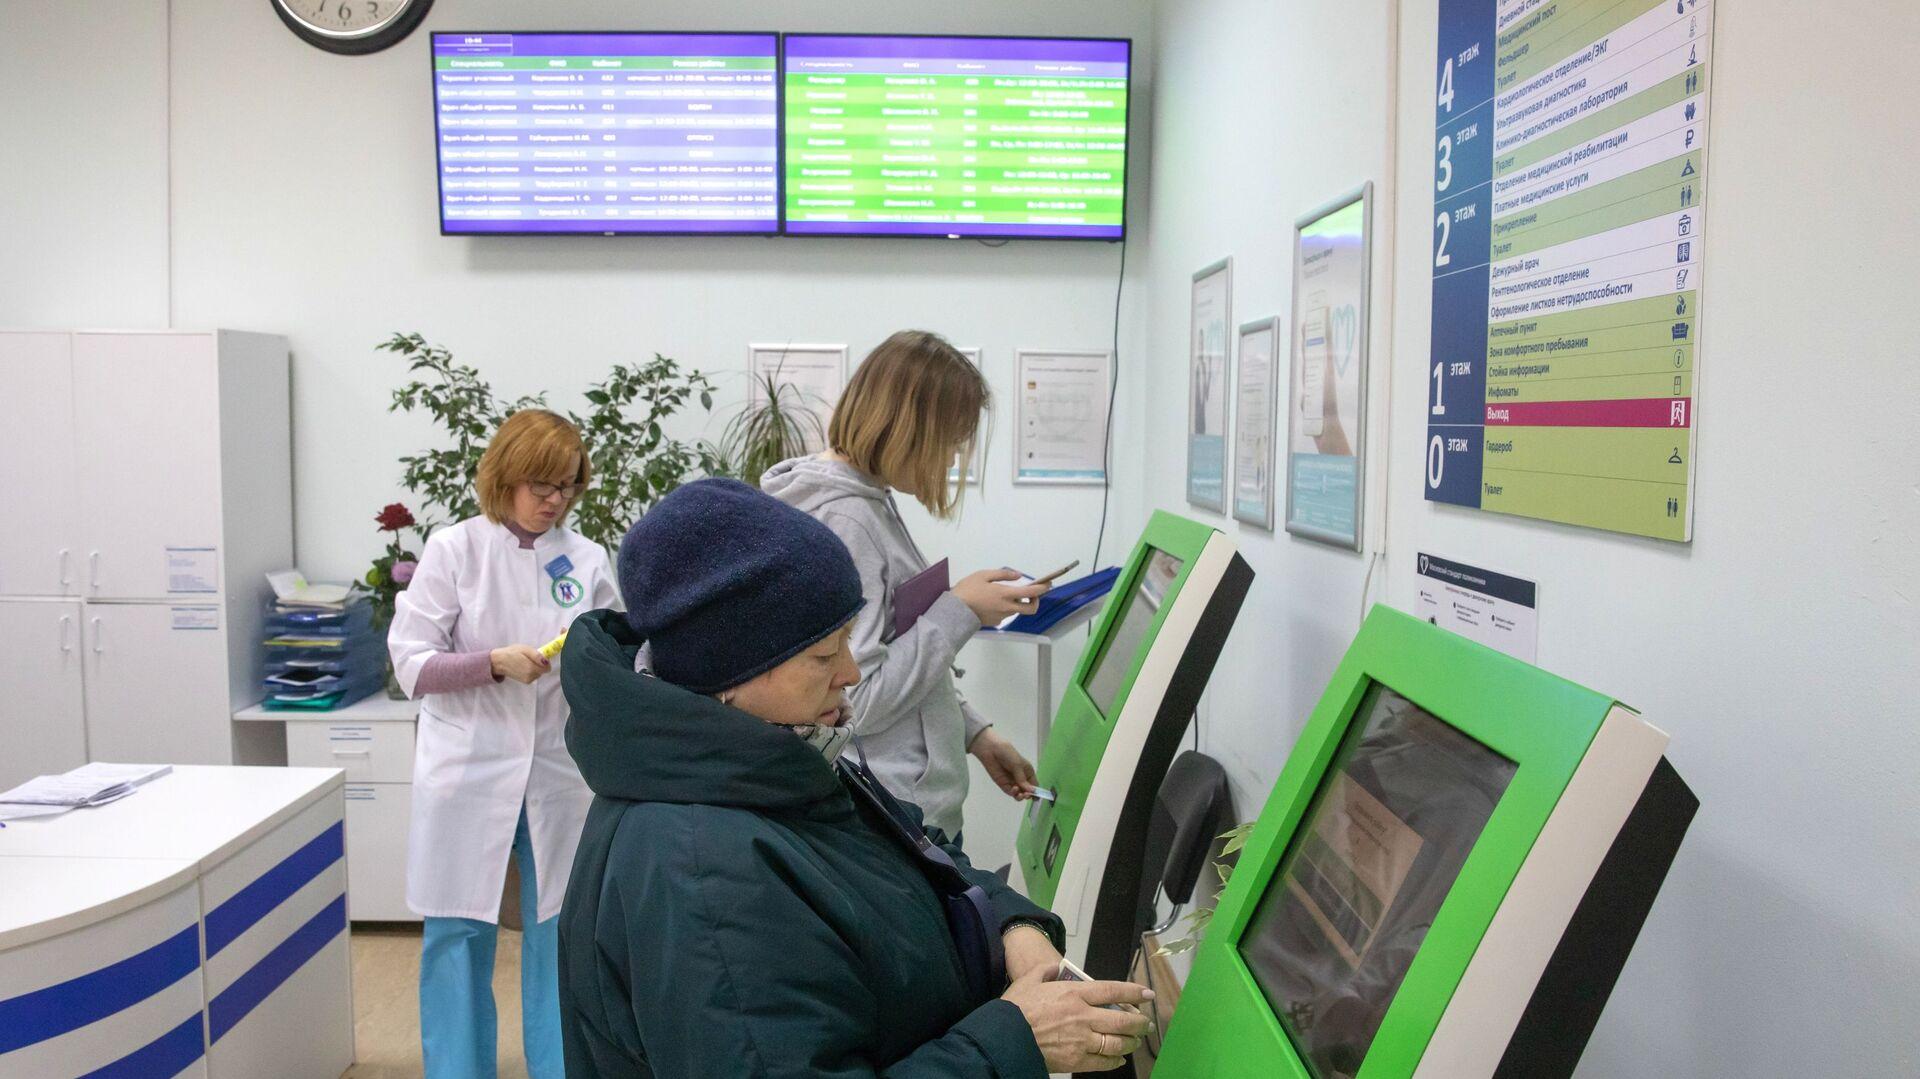 Пациенты записываются на прием к врачу через электронные терминалы в городской поликлинике № 68 в Москве - РИА Новости, 1920, 12.01.2021